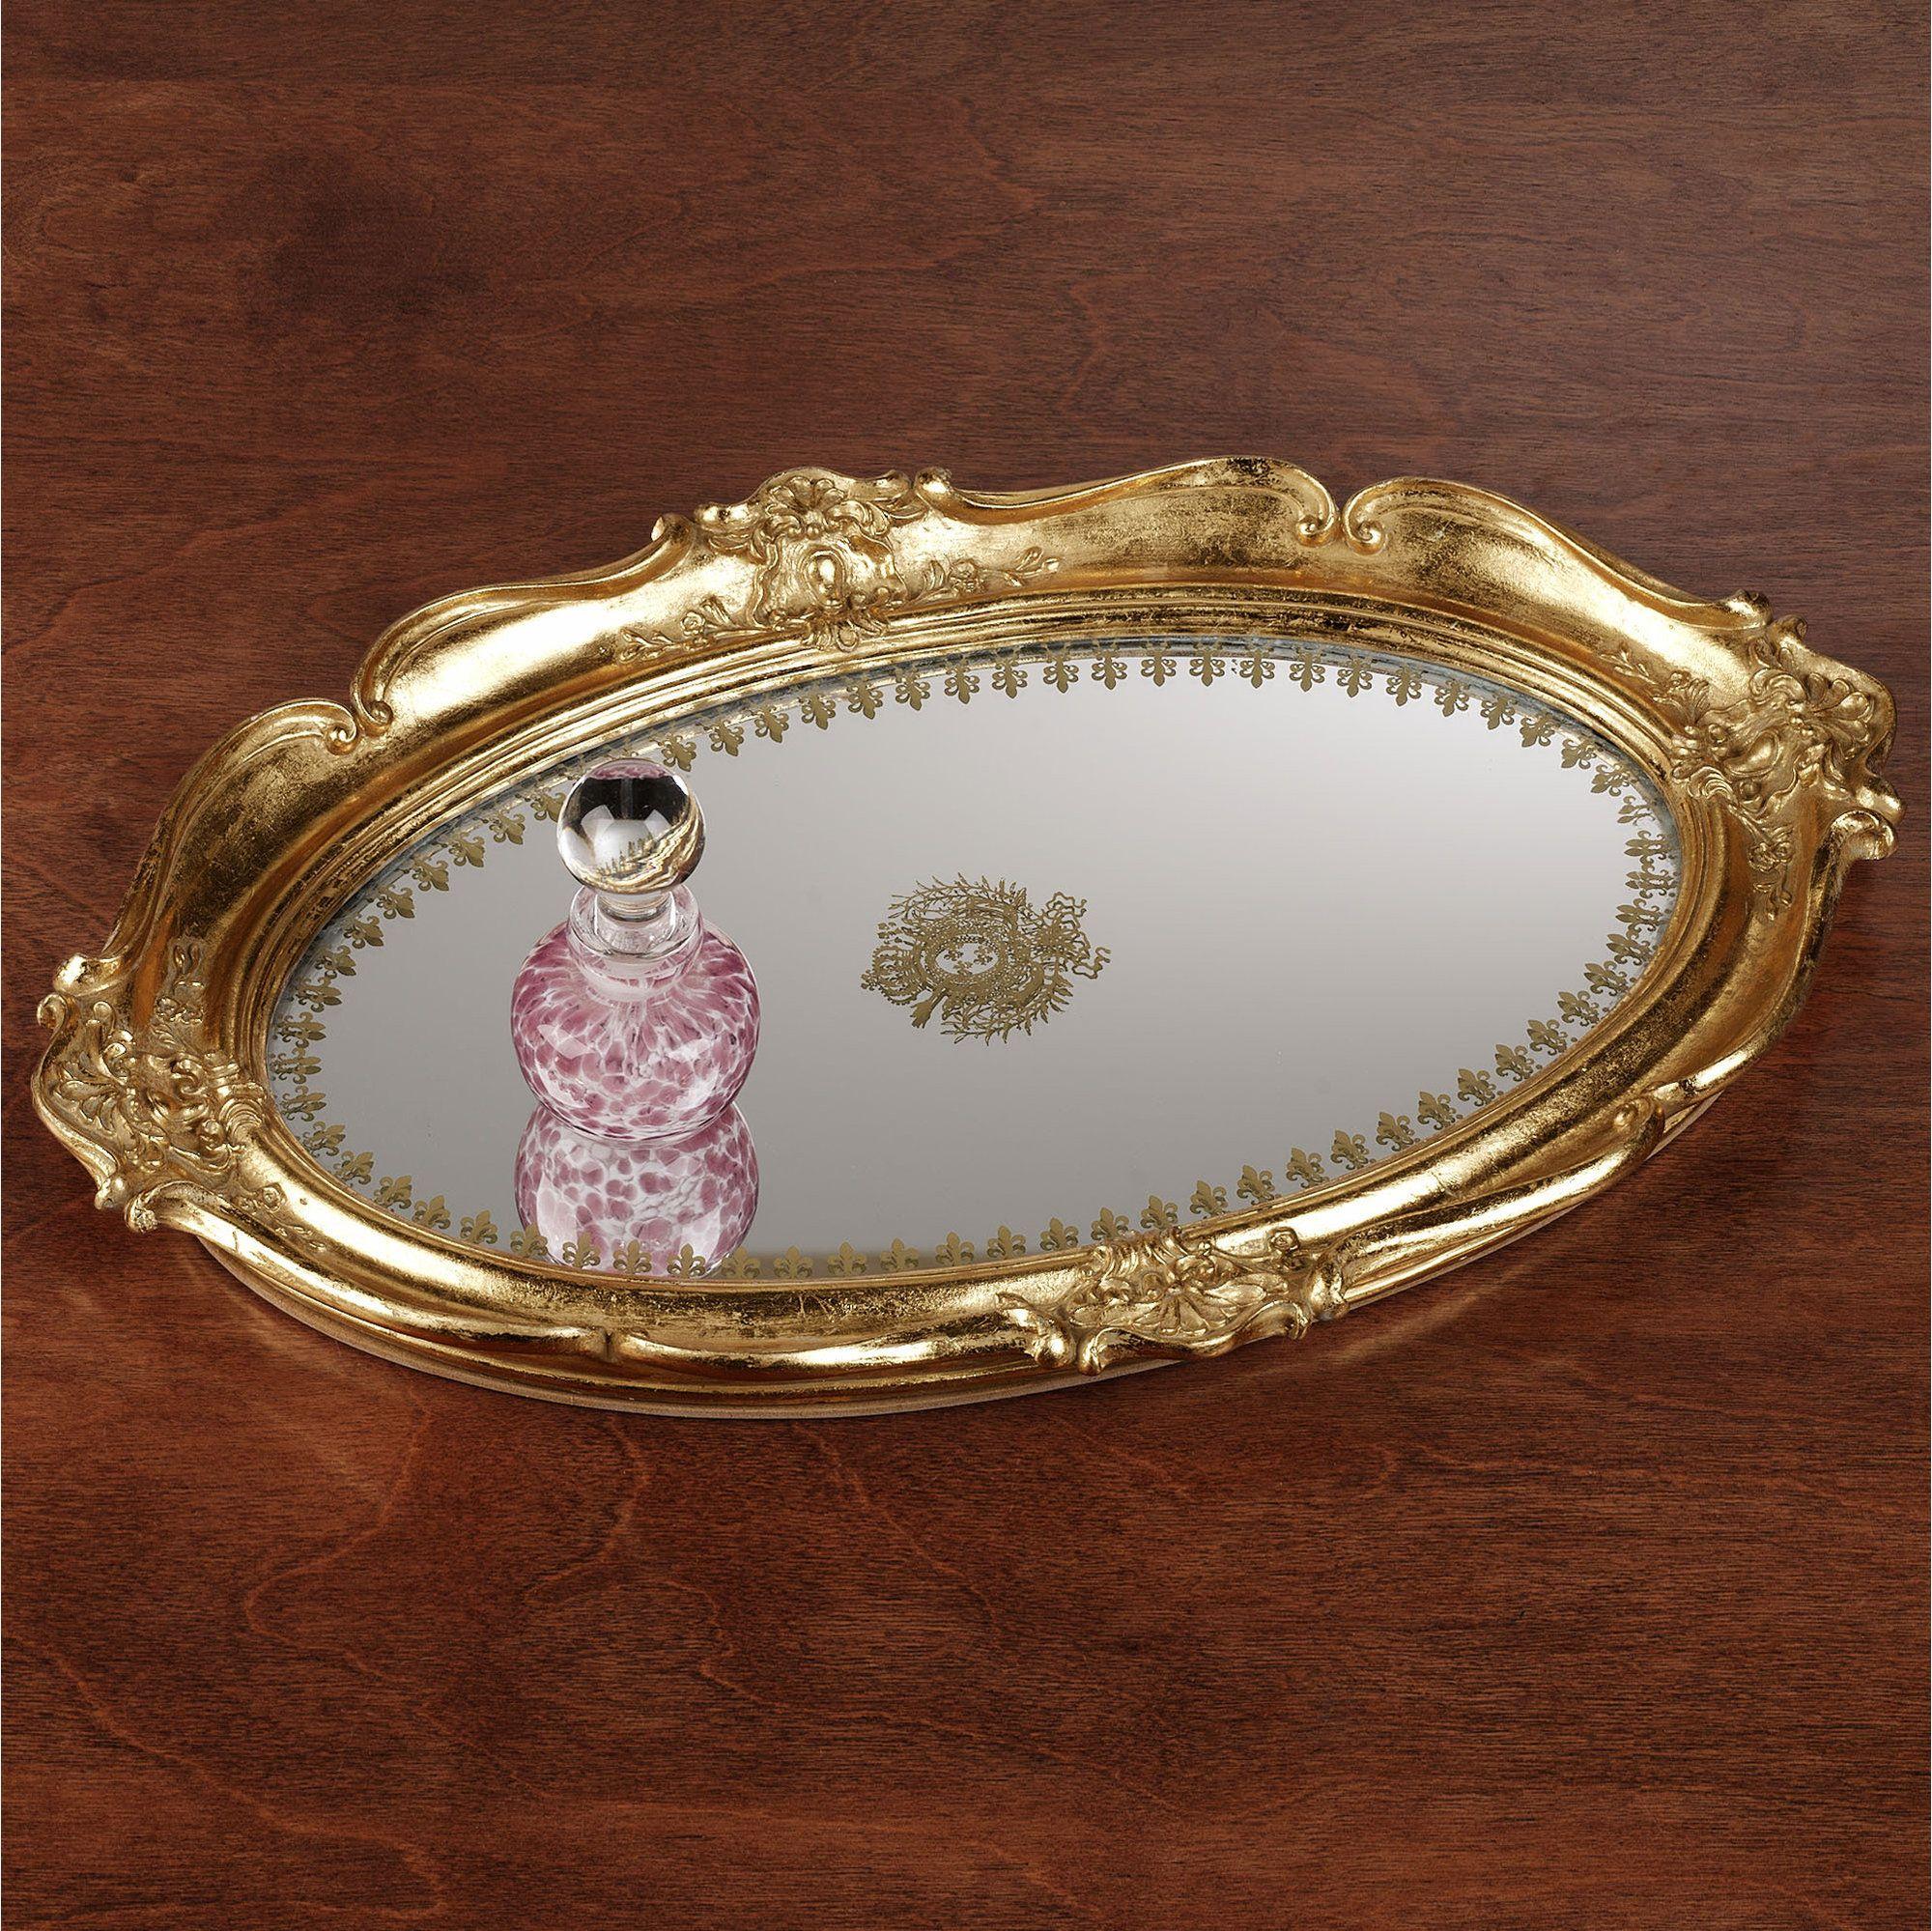 Adina gold scalloped mirrored vanity tray trinket boxes u trays